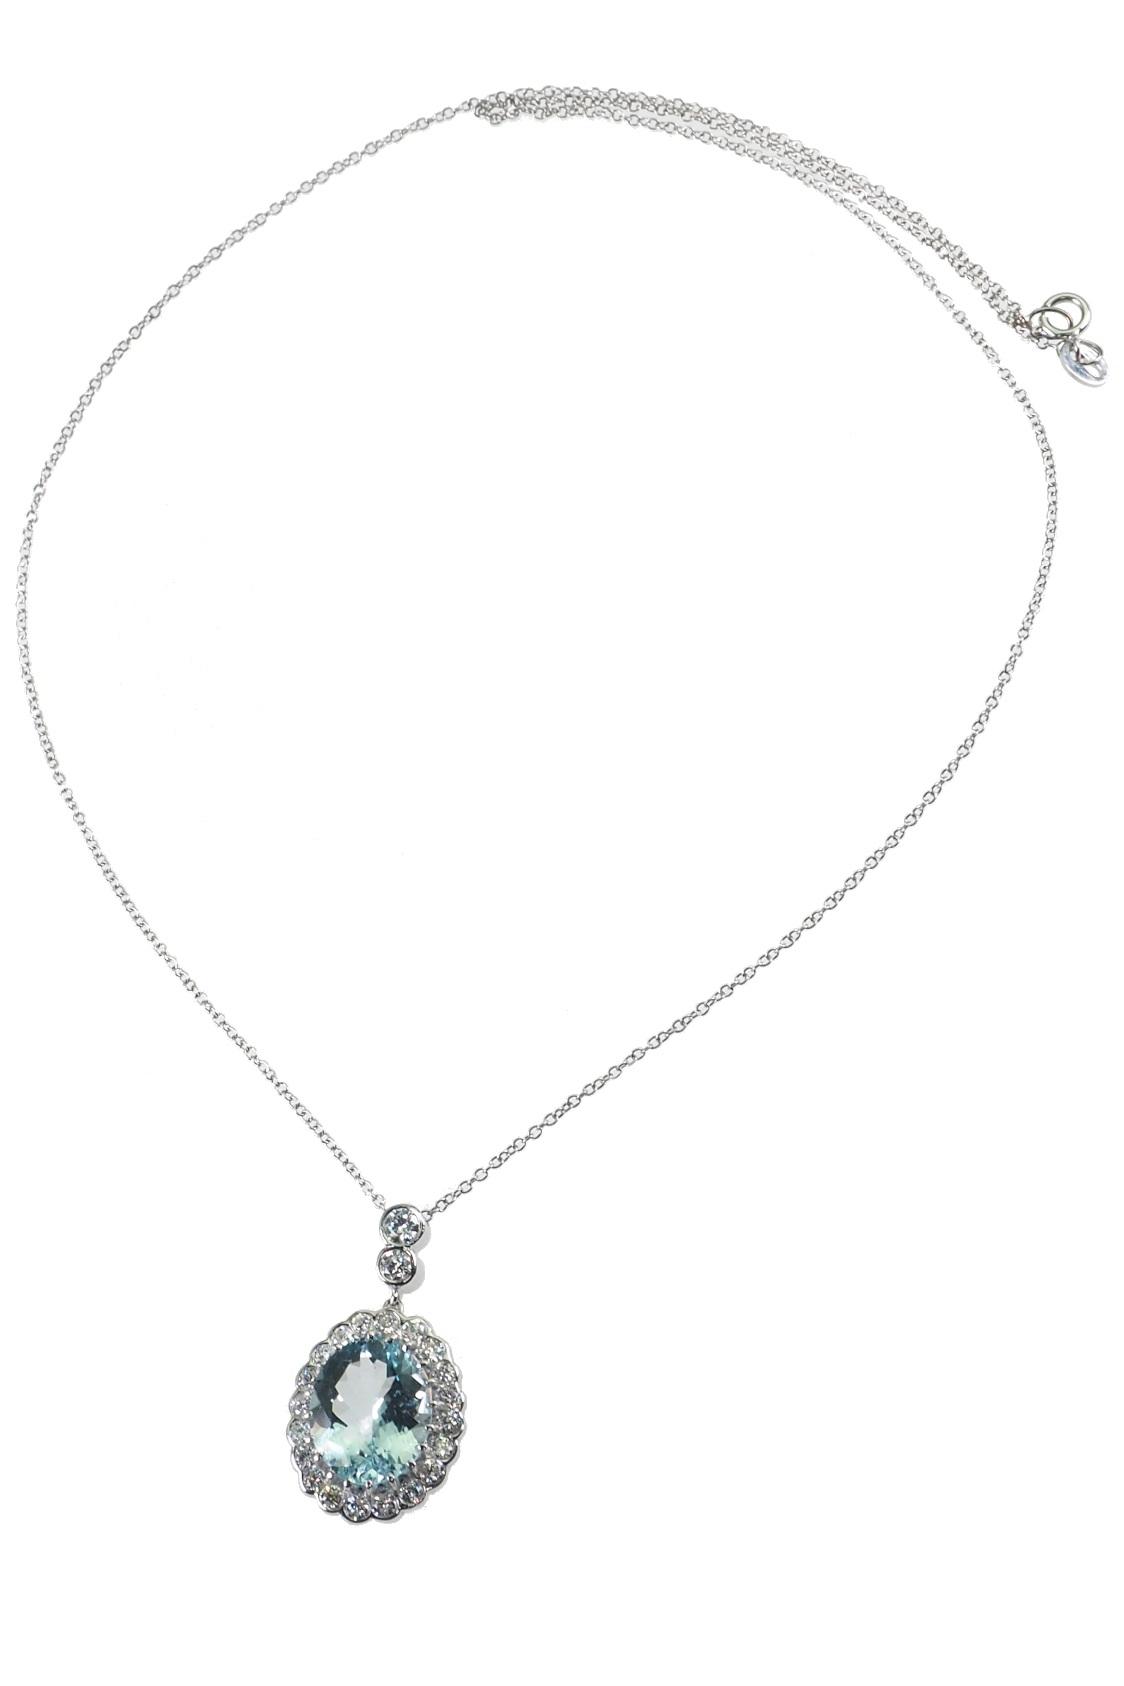 antikes-Collier-kaufen-2750b